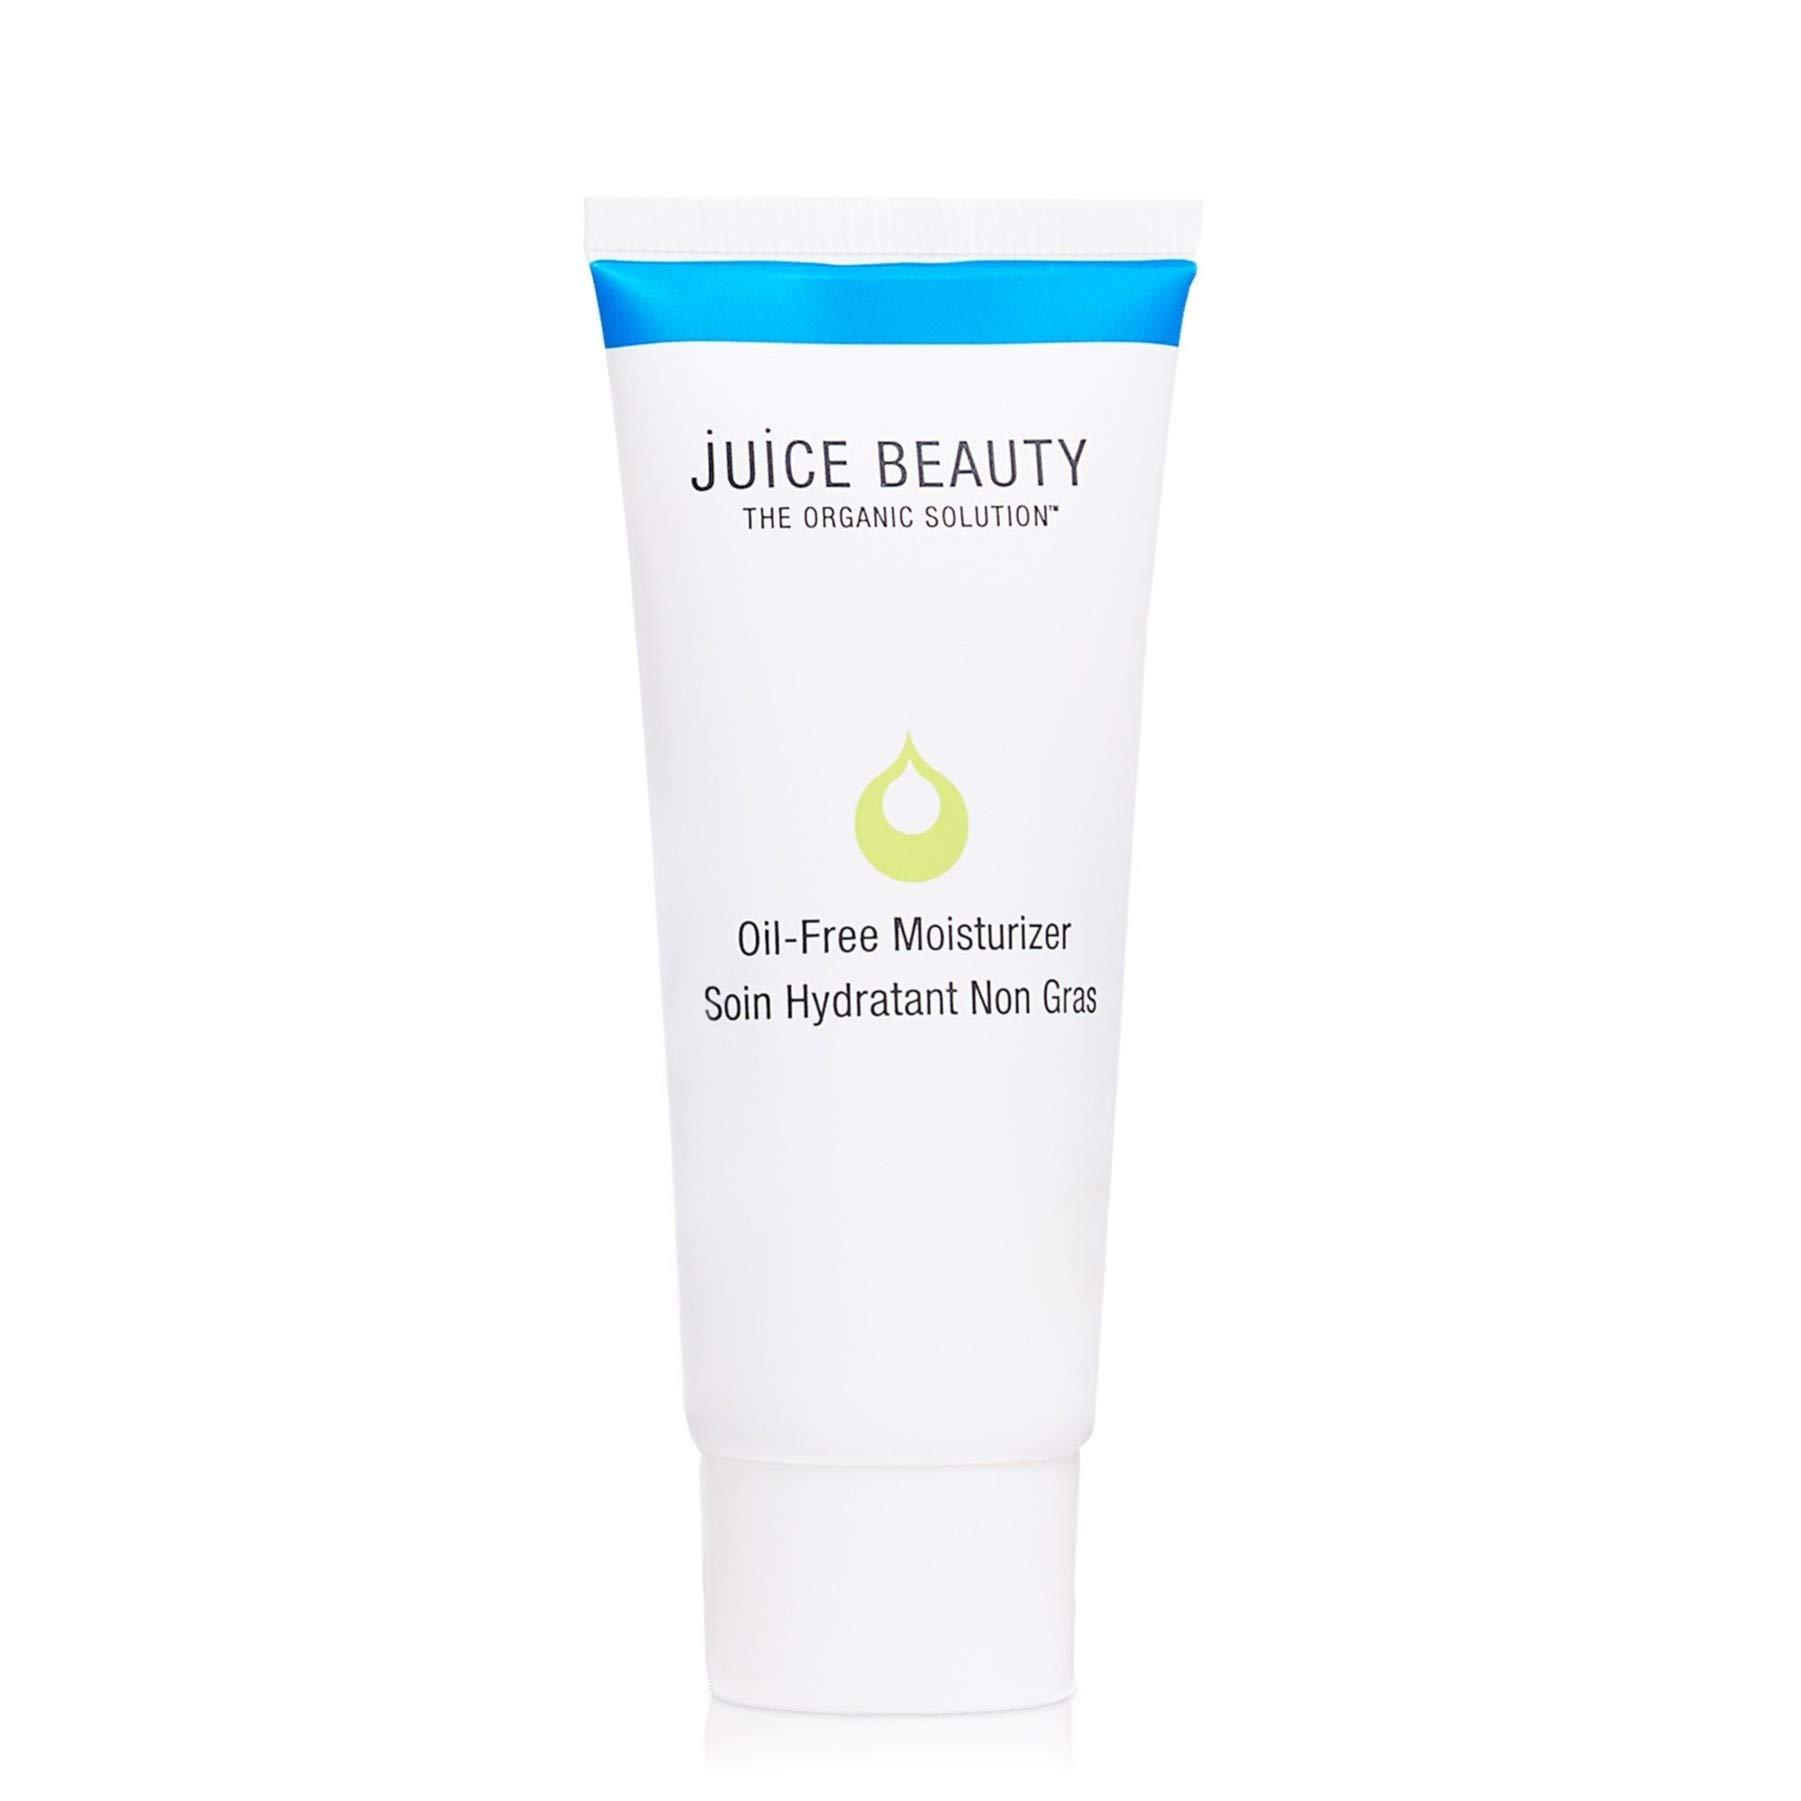 Juice Beauty Oil-Free Moisturizer, Pomegranate, 2 Fl Oz